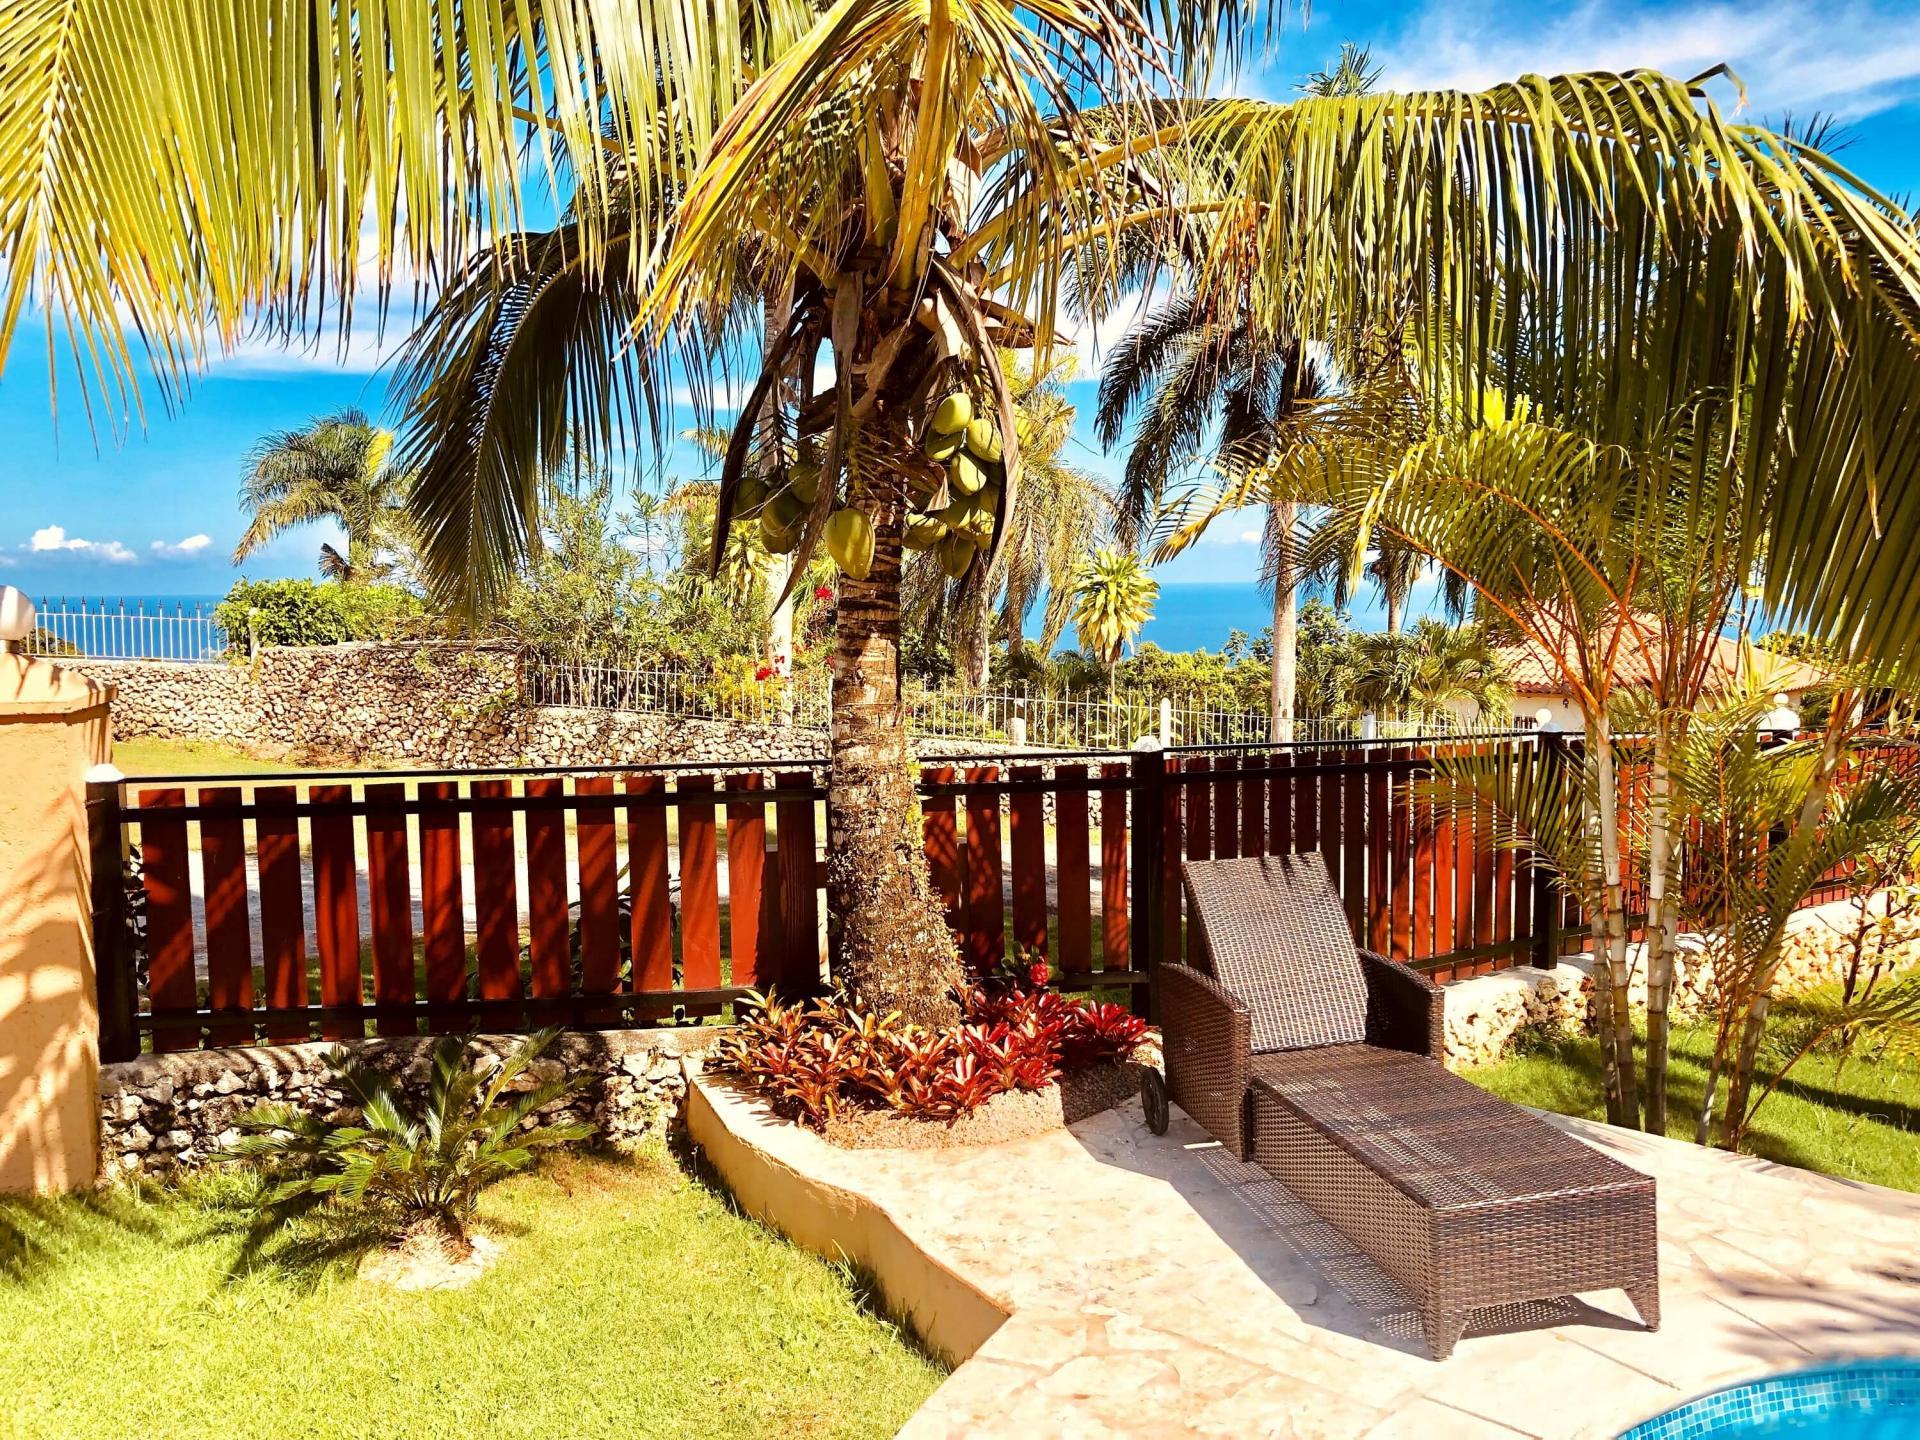 Location de maison vue sur mer cabrera republique dominicaine